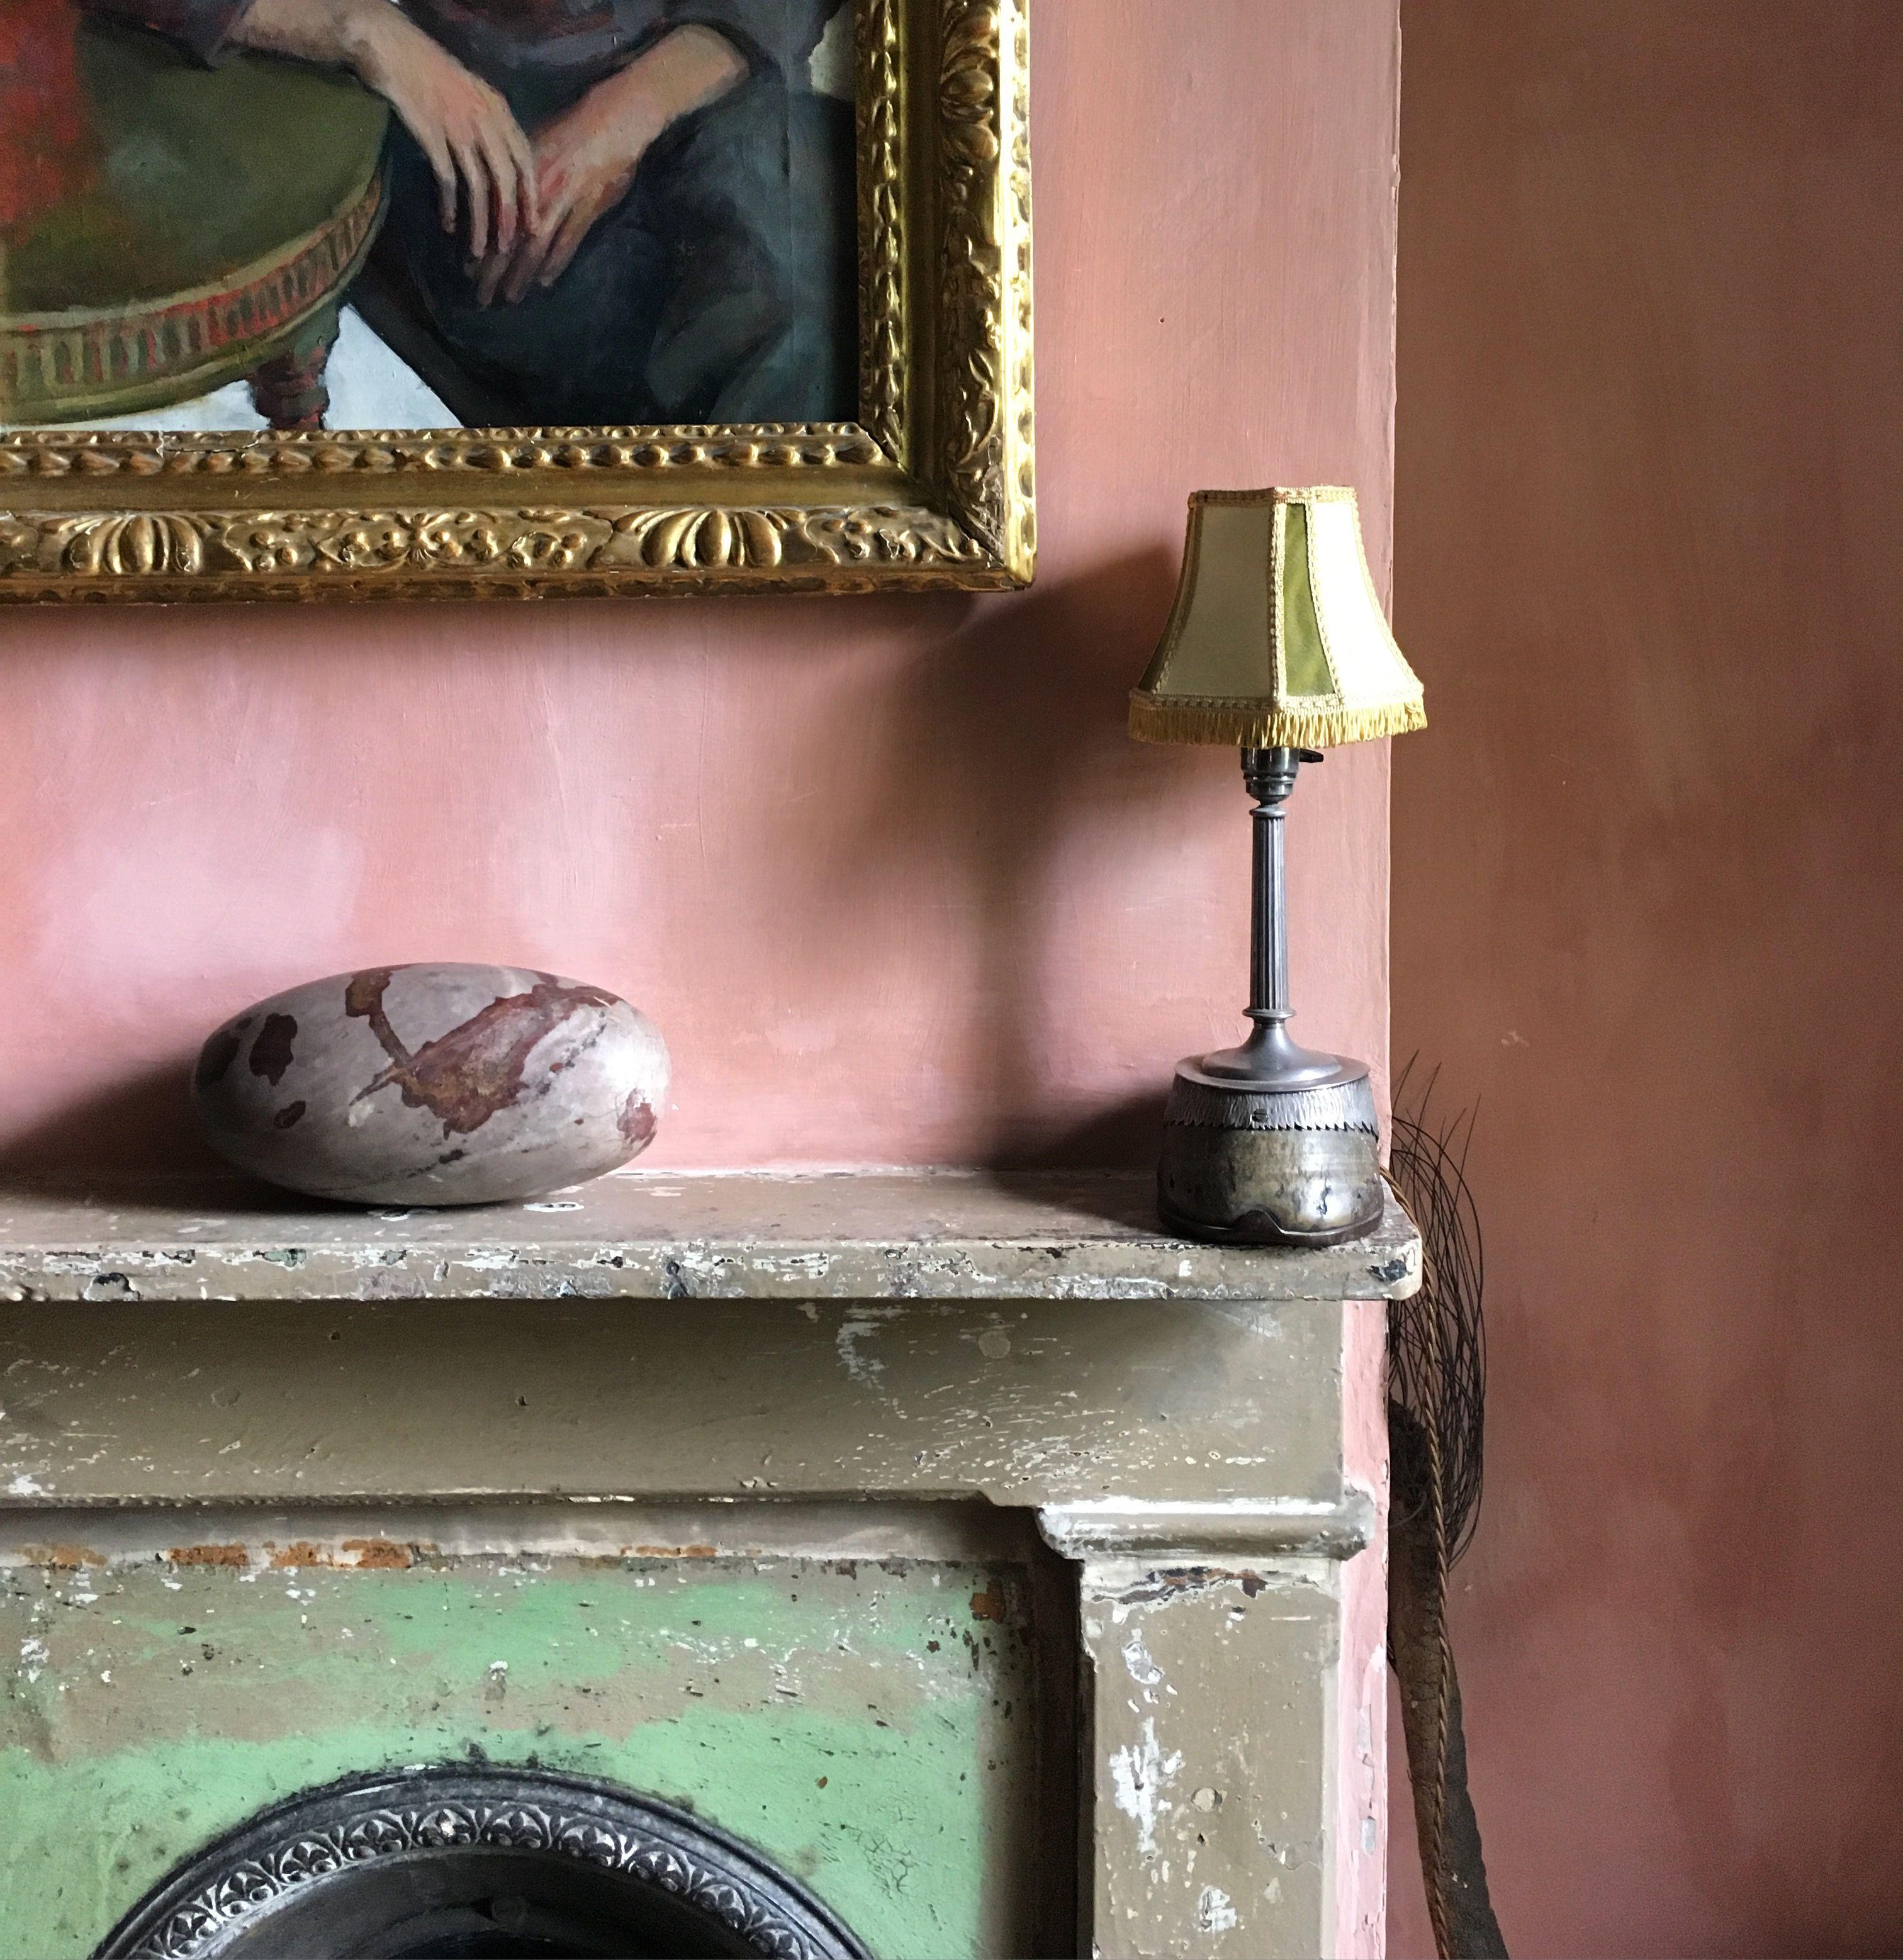 malplaquet house, east london | vignettes | Pinterest | East london ...